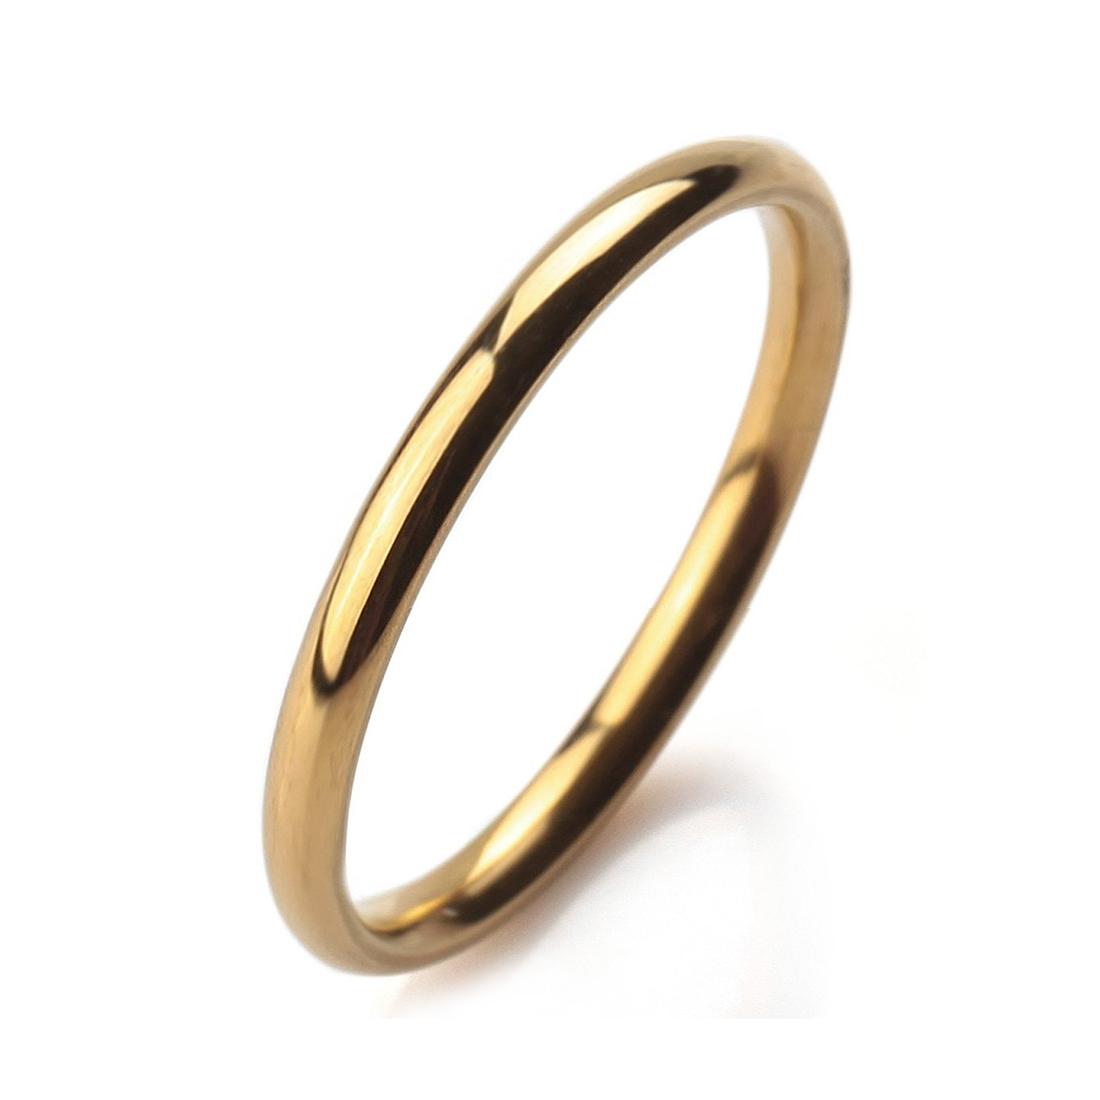 breite 2mm edelstahl ring band gold hochzeit herren damen. Black Bedroom Furniture Sets. Home Design Ideas